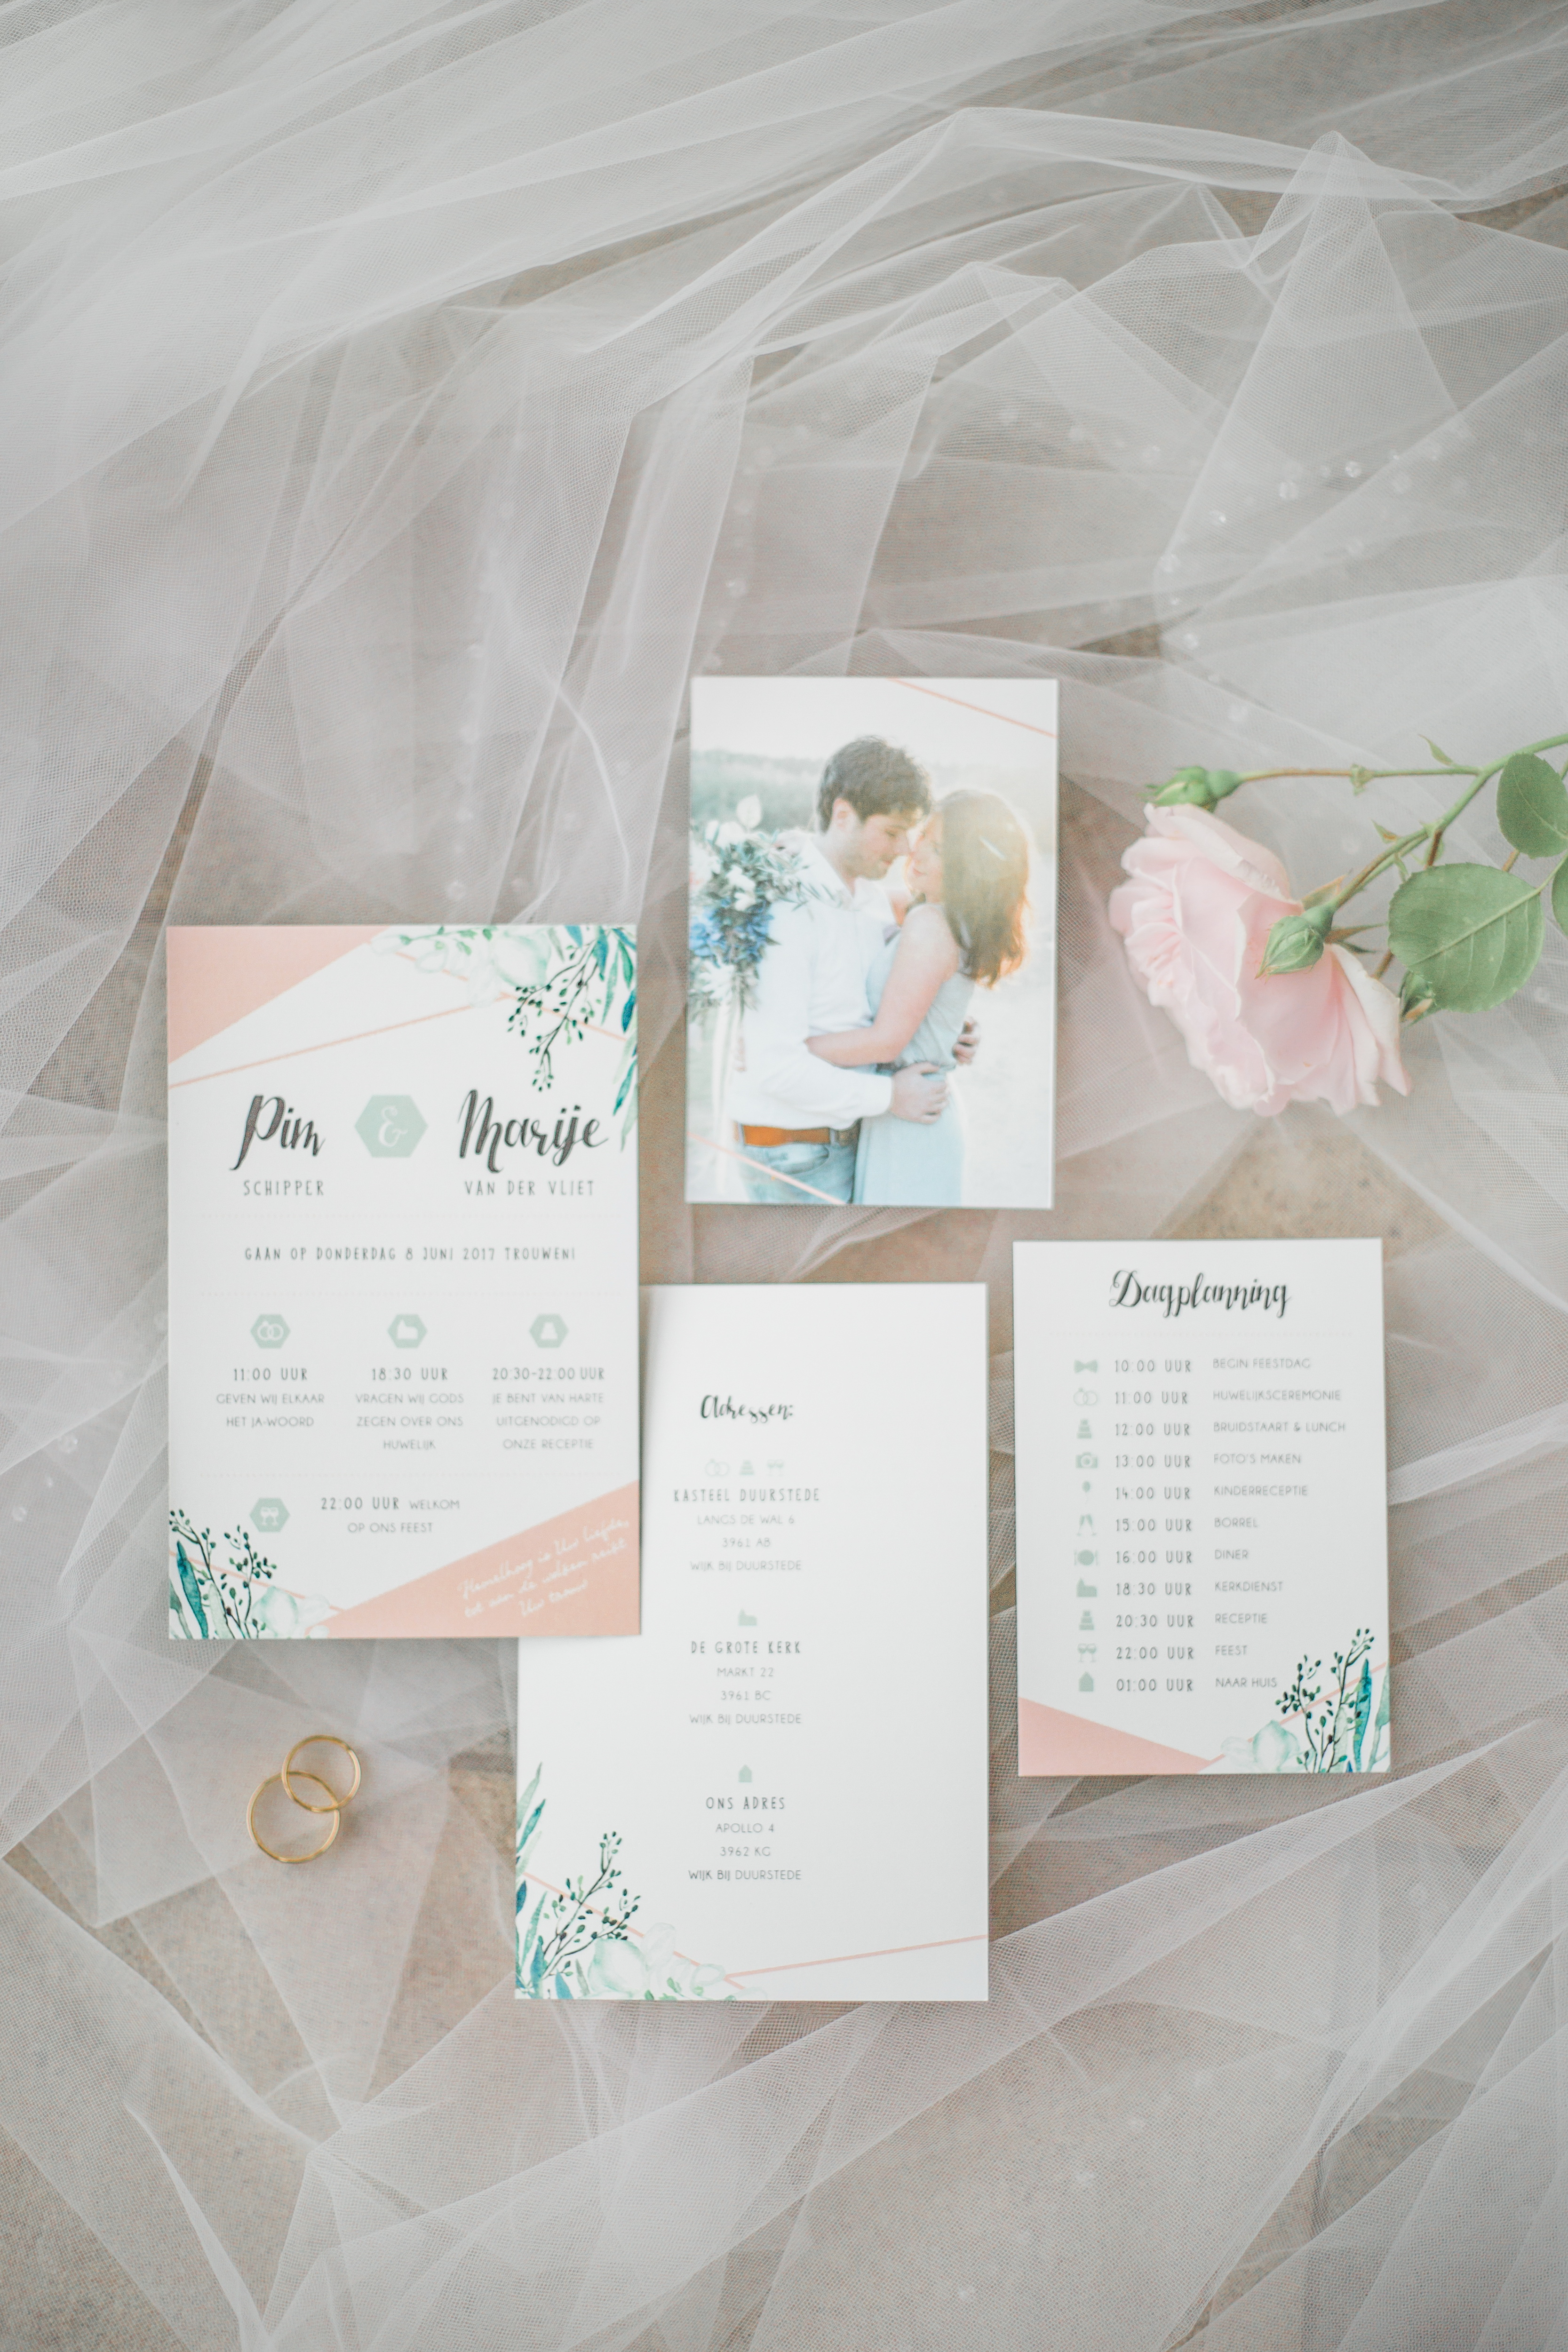 Wedding Pim & Marije - 08-06-2017 (5)